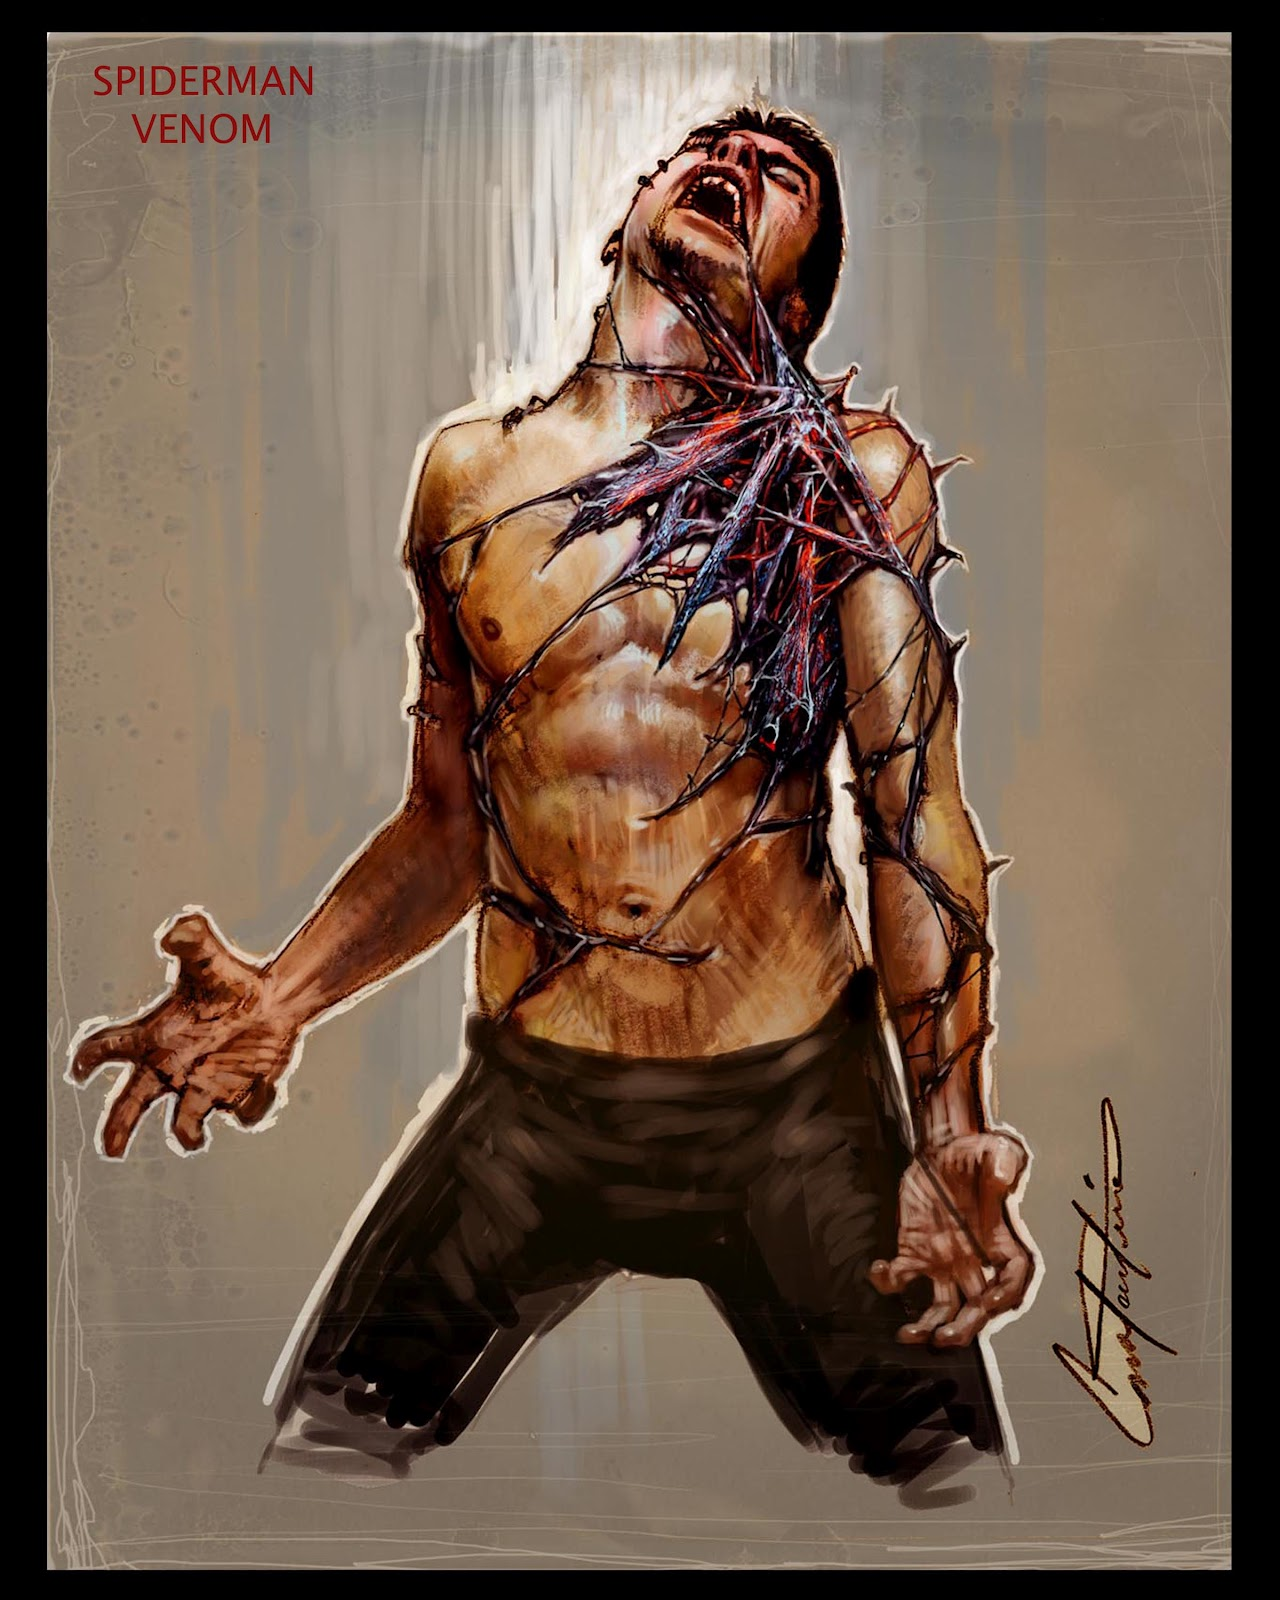 Constantine Sekeris Design Spiderman 3 Venom Concepts